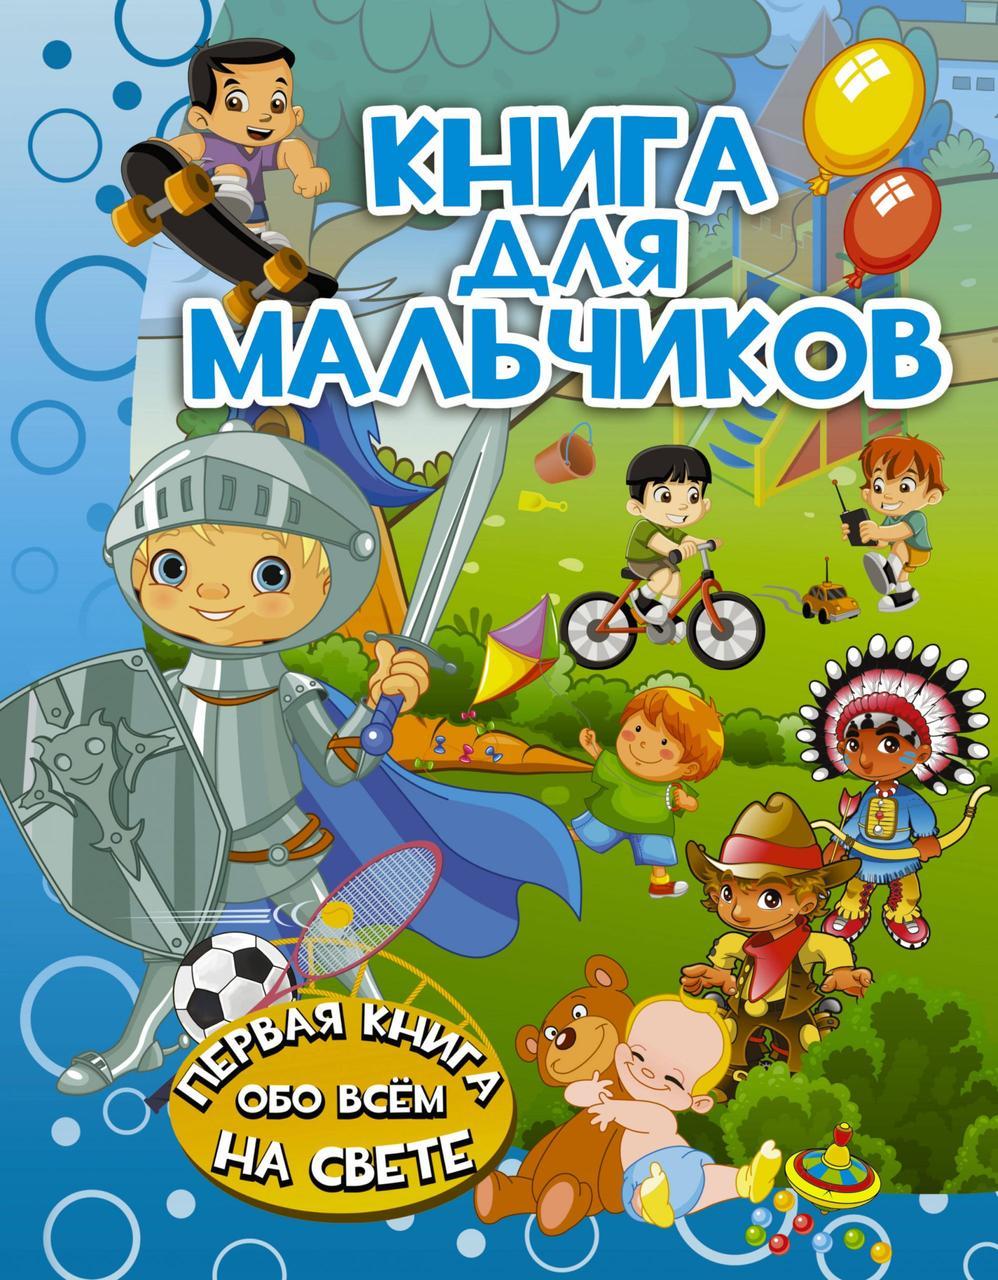 Доманская Людмила Васильевна Книга для мальчиков - Доманская Людмила Васильевна